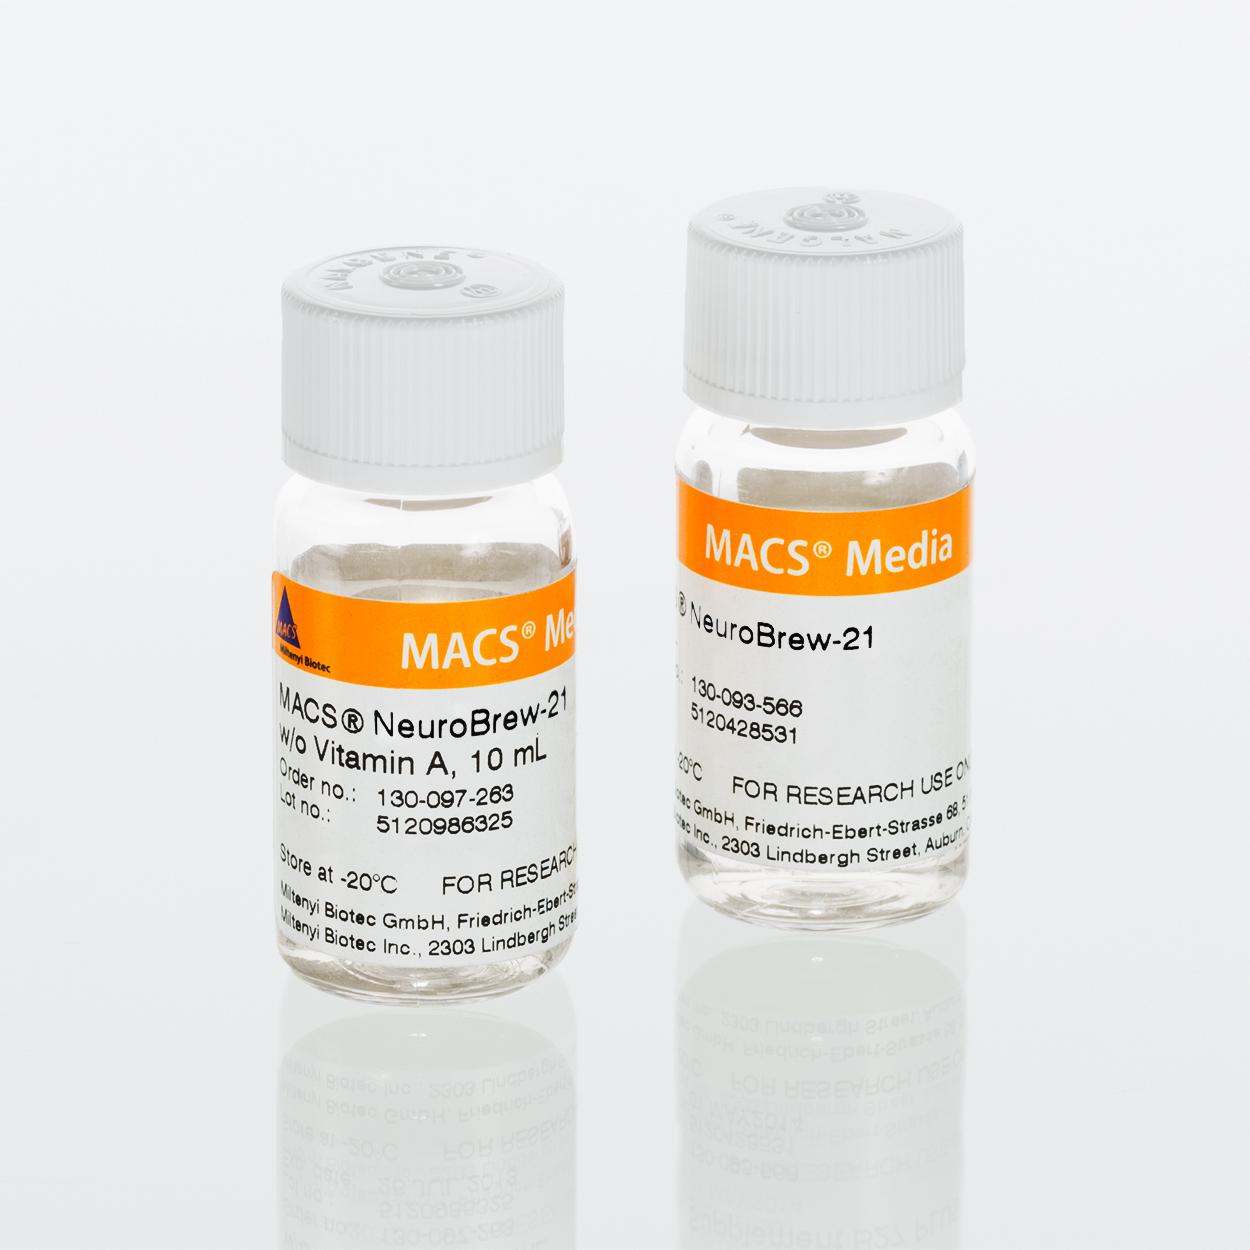 MACS® NeuroBrew® -21